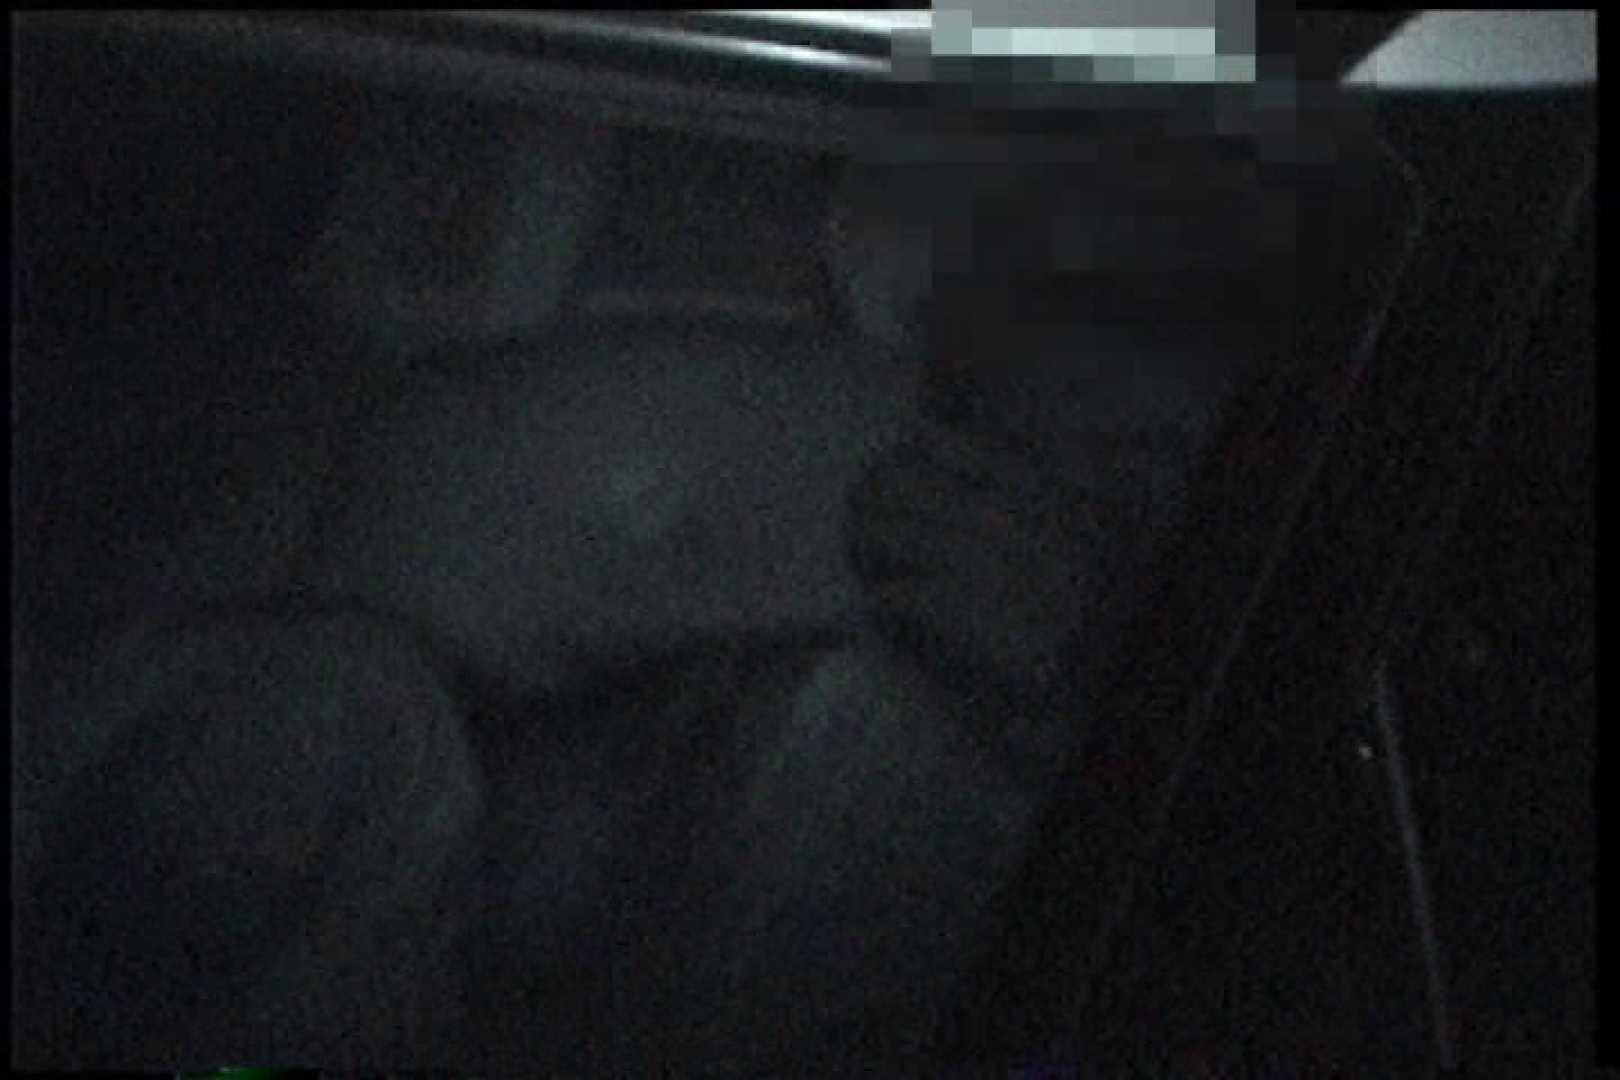 充血監督の深夜の運動会Vol.240 OLエロ画像 | 0  62PICs 5